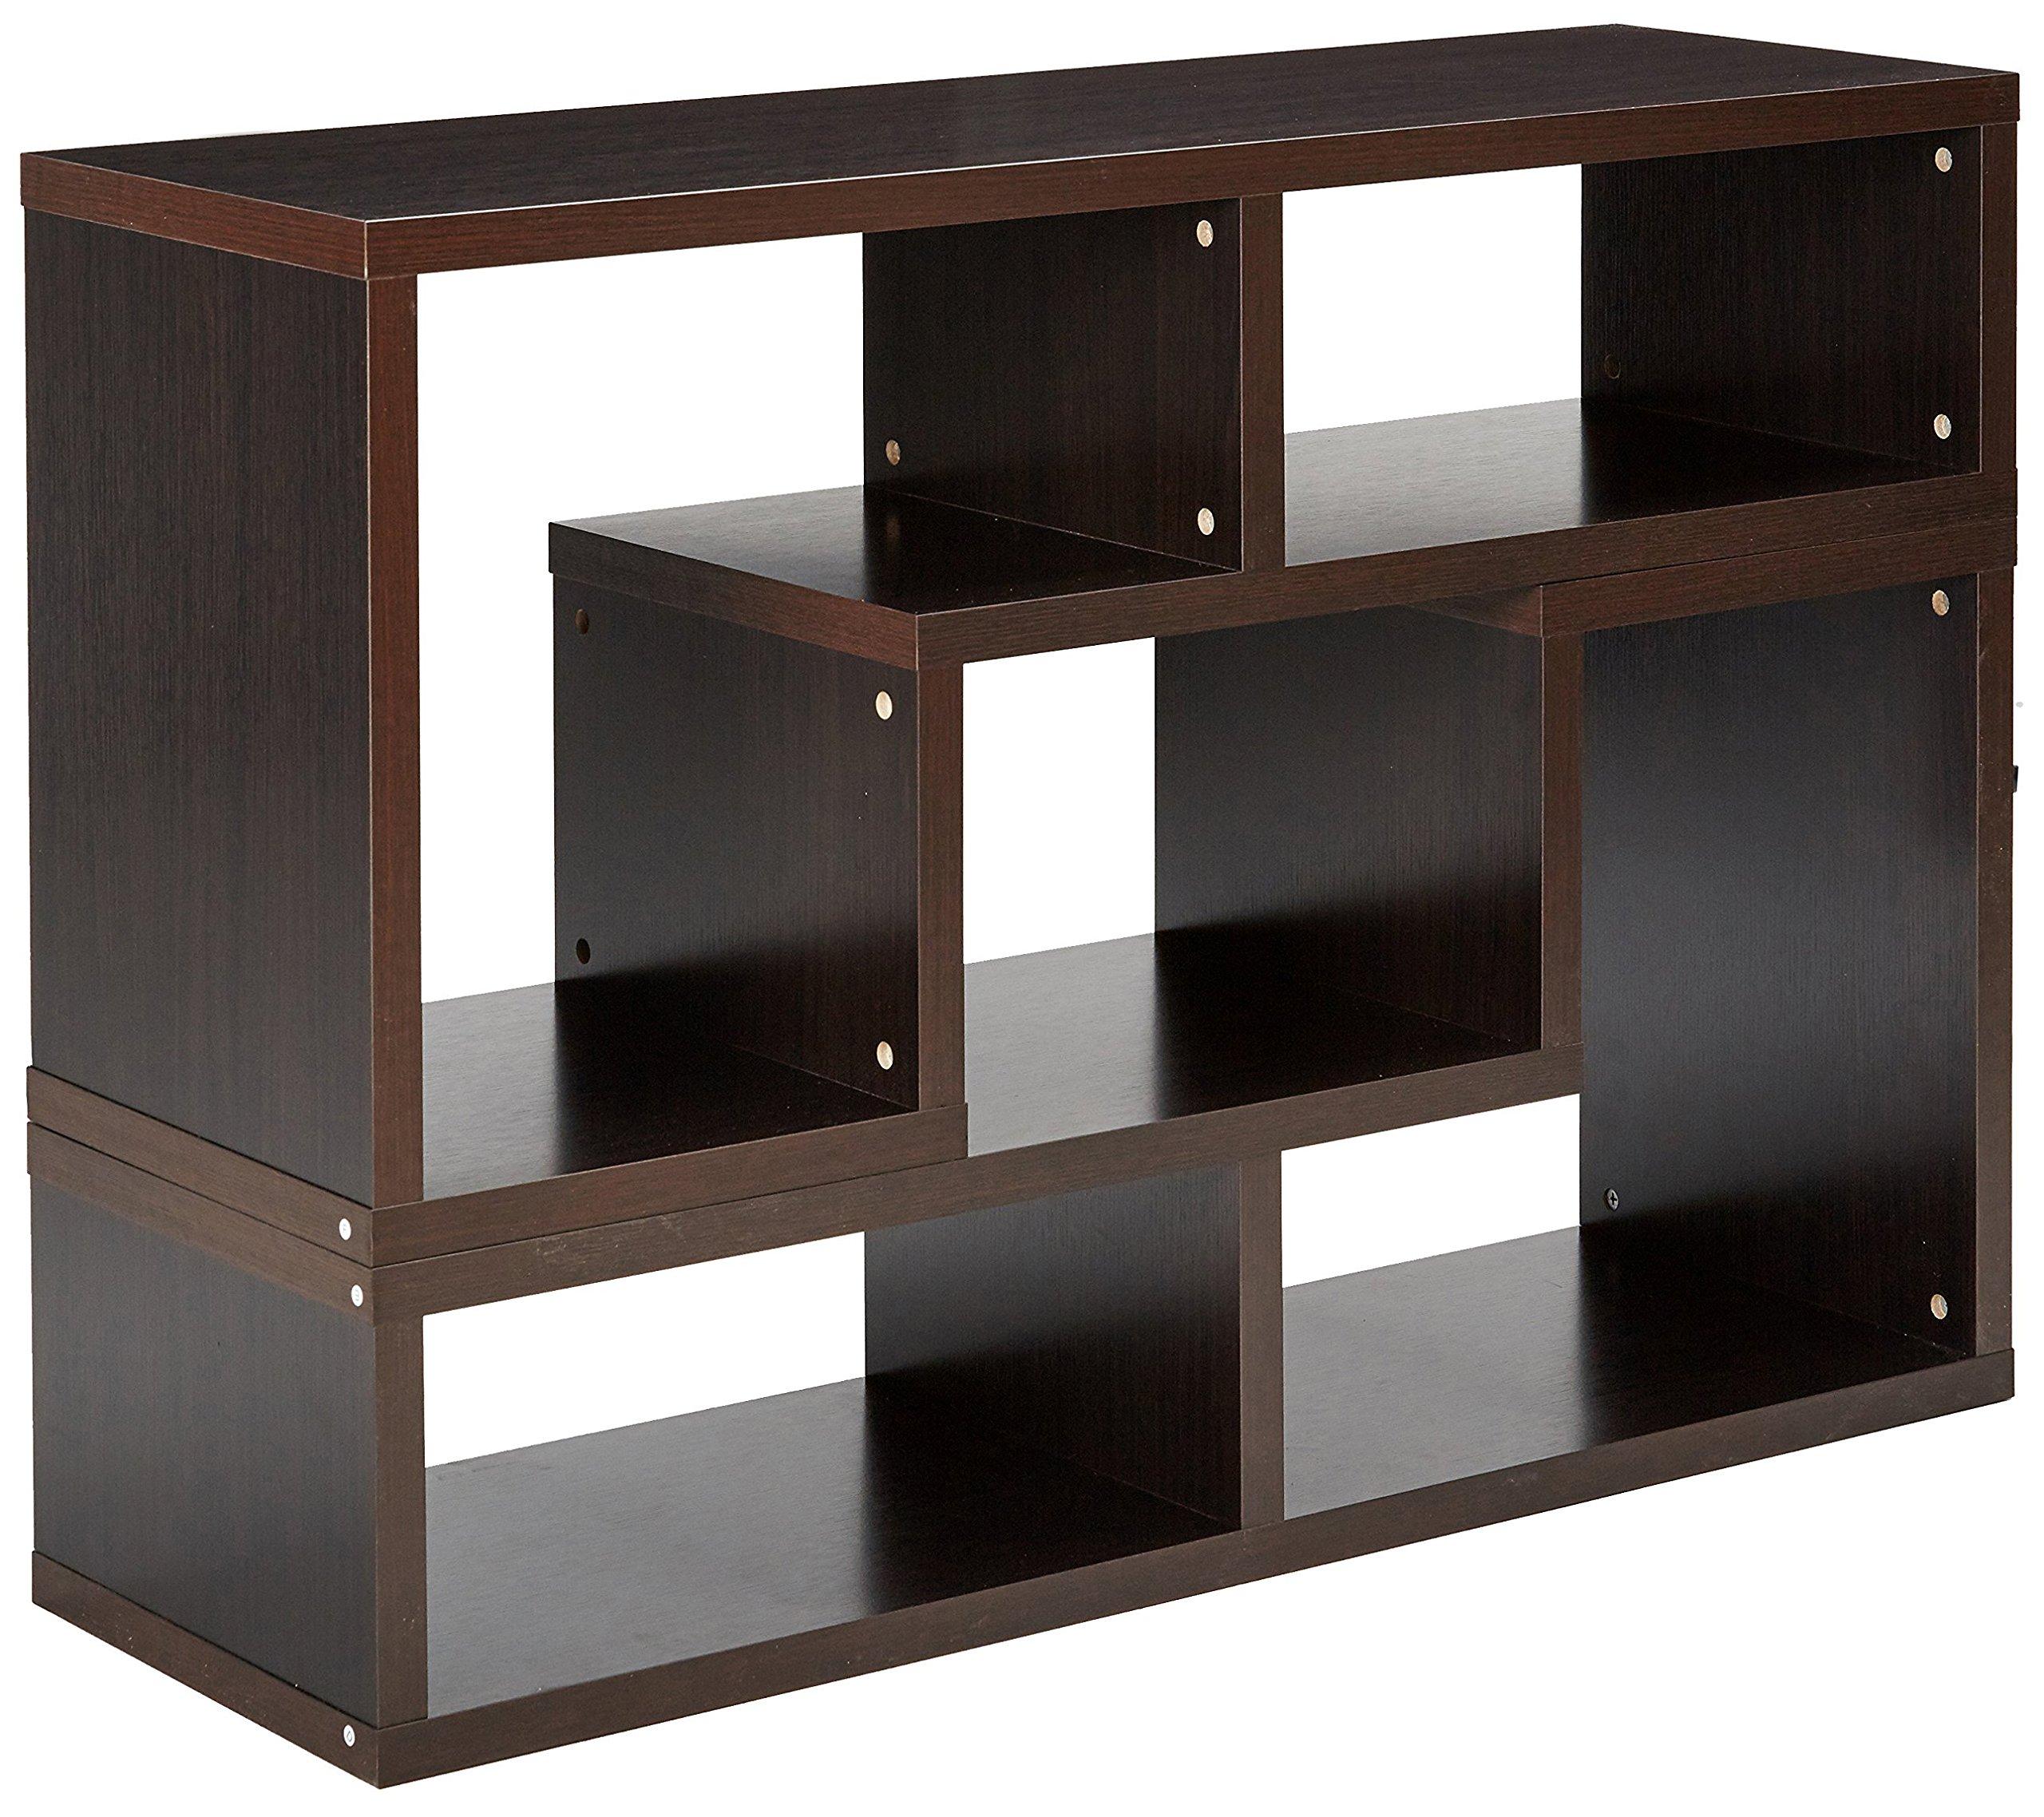 Coaster Home Furnishings 800329 Contemporary Bookcase, Cappuccino